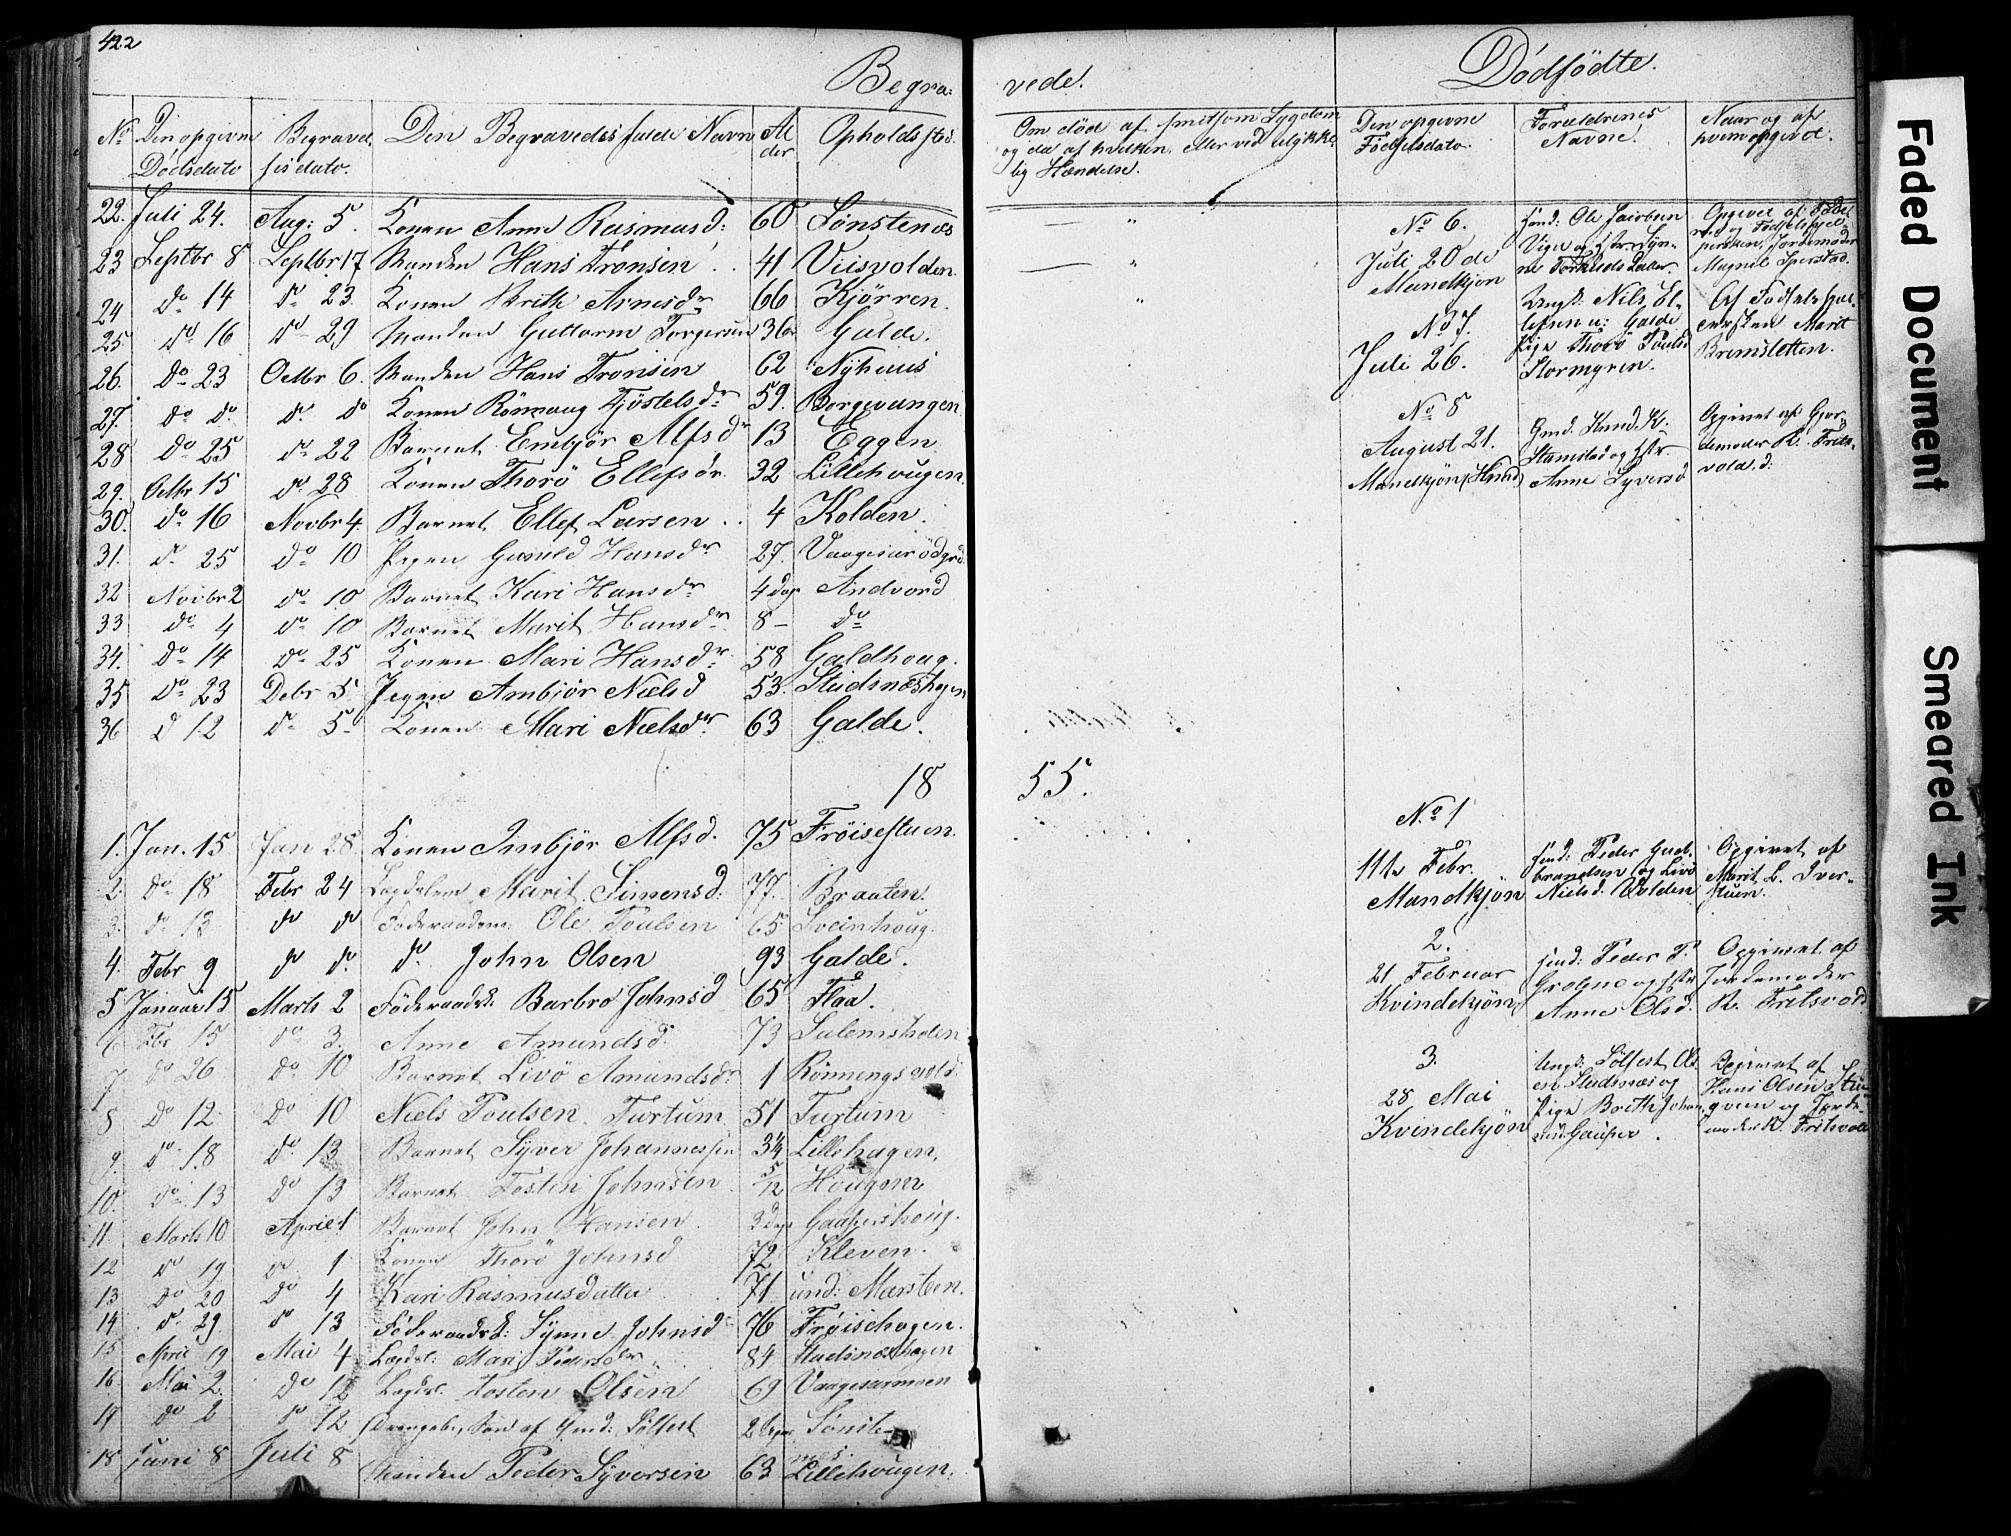 SAH, Lom prestekontor, L/L0012: Klokkerbok nr. 12, 1845-1873, s. 422-423